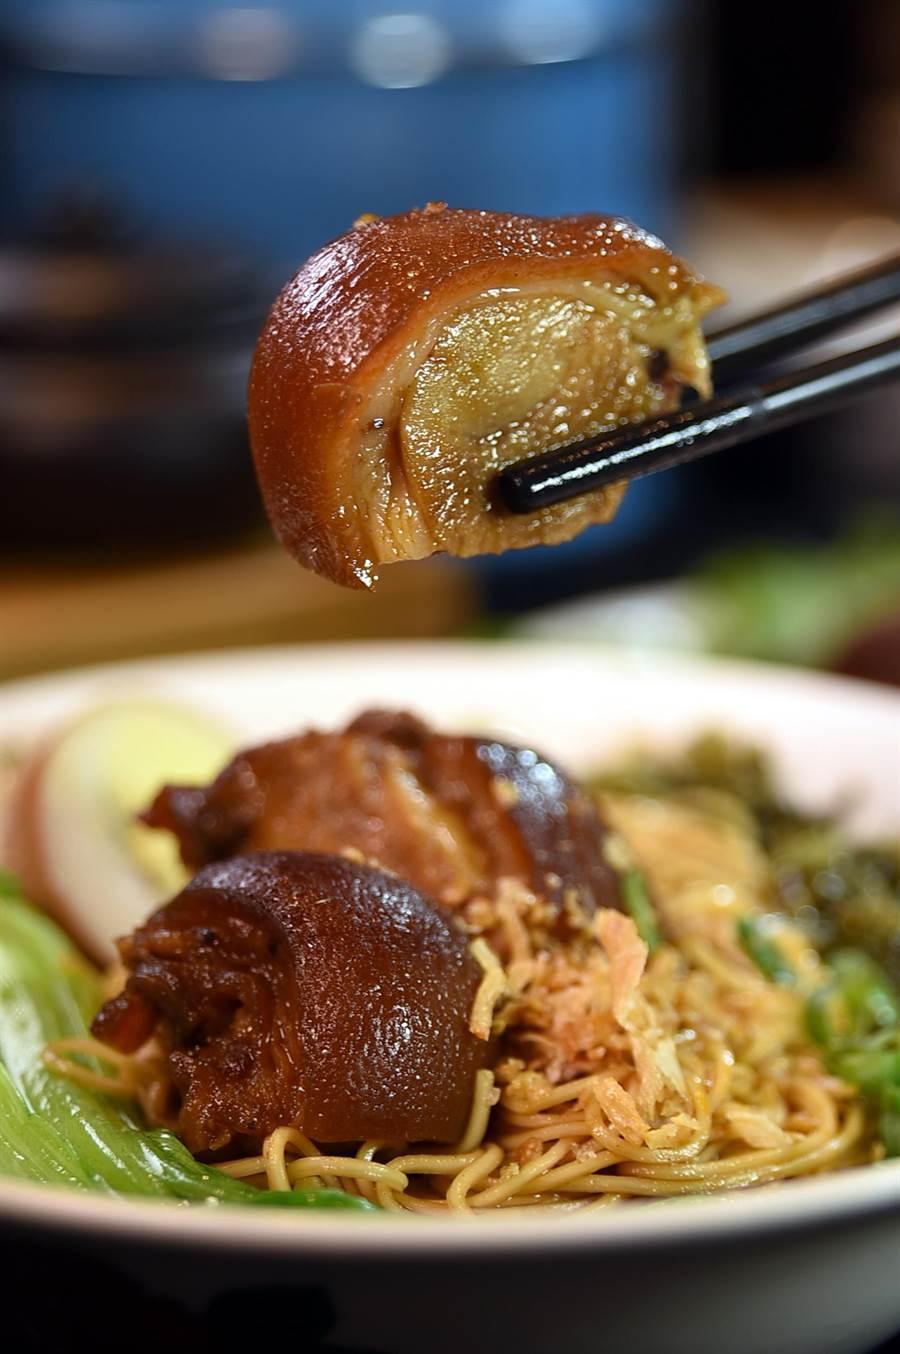 〈松發肉骨茶〉除了肉骨茶外,亦針對台灣市場推出〈麻辣豬腳麵線〉,每碗240元並附湯。(圖/姚舜)